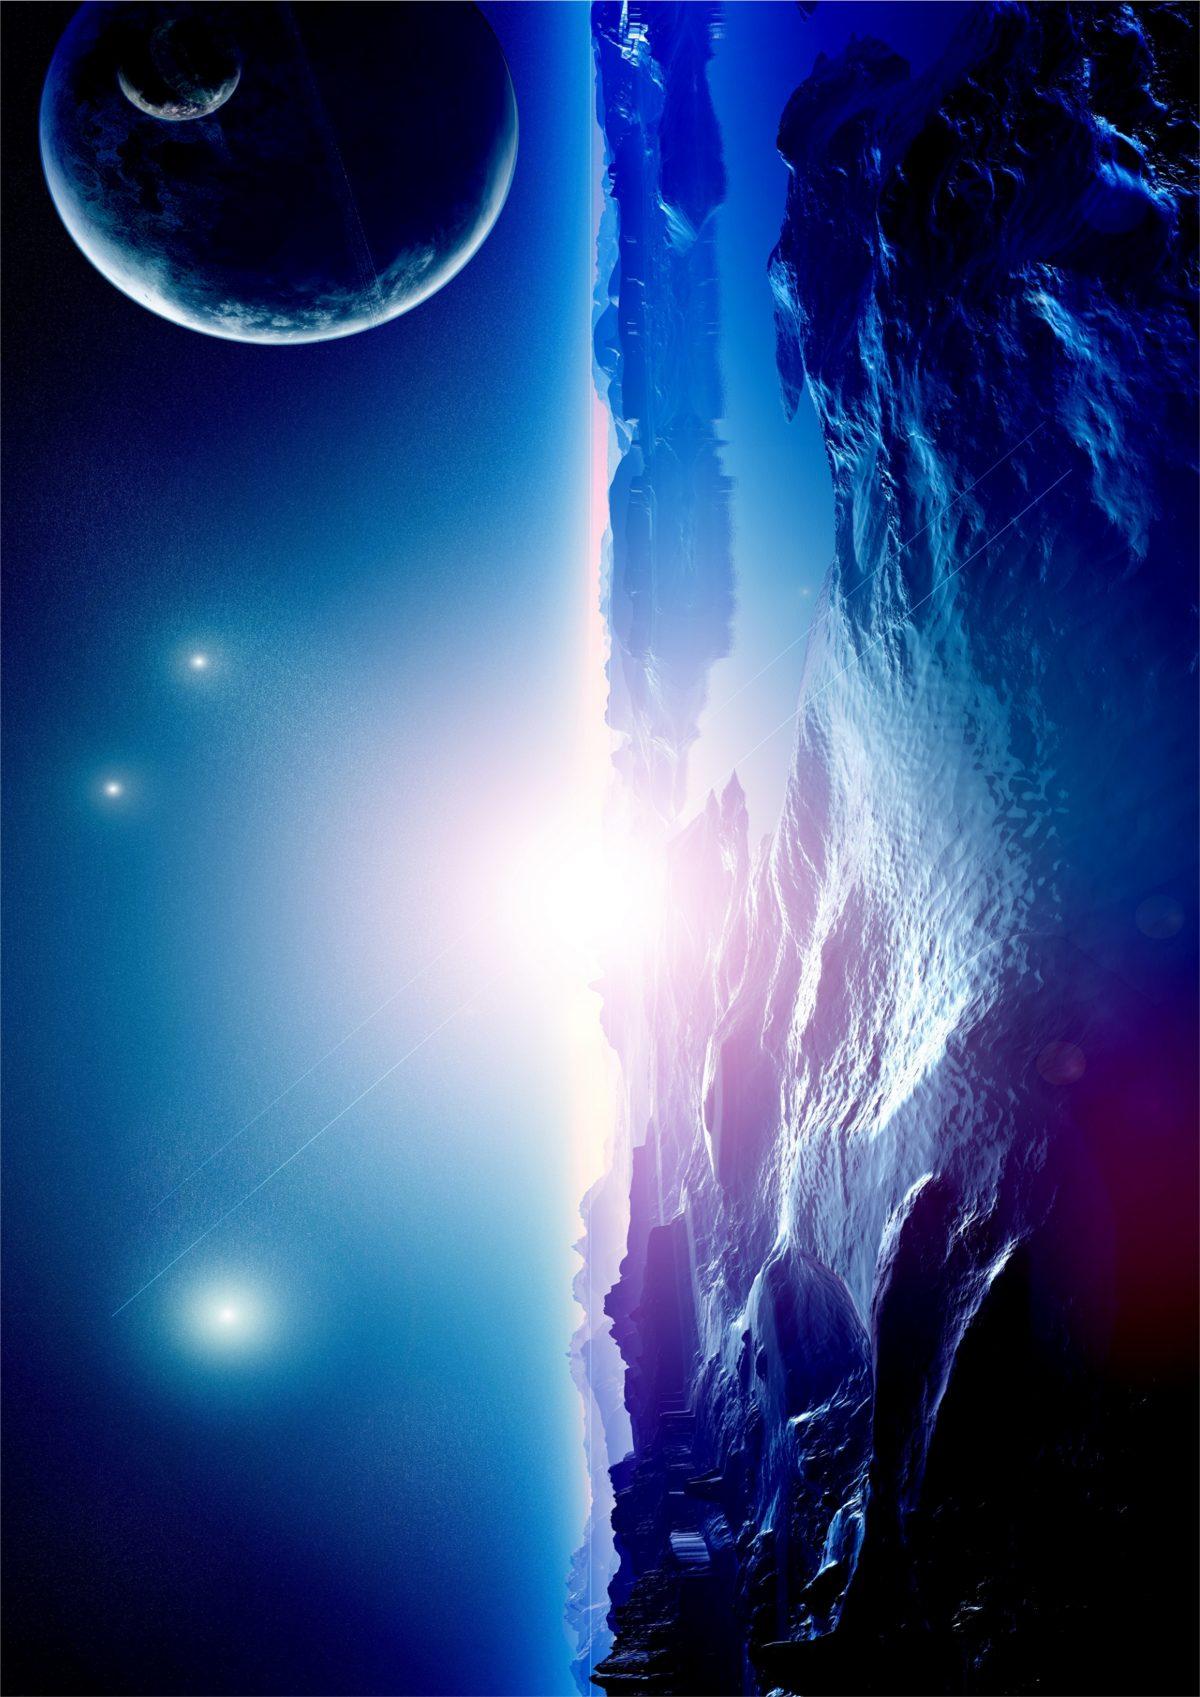 Картинка космоса - ледяная планета скачать